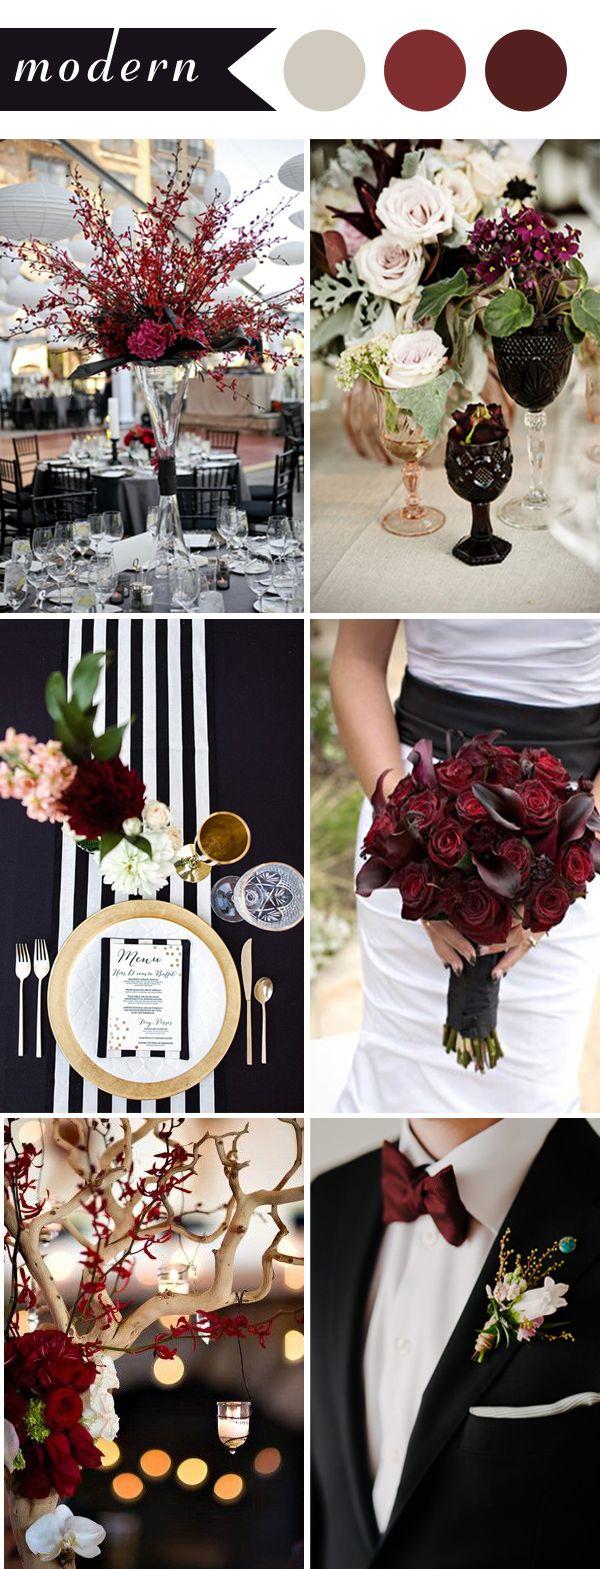 Perfect Burgundy Wedding Themes Ideas for   Modern wedding